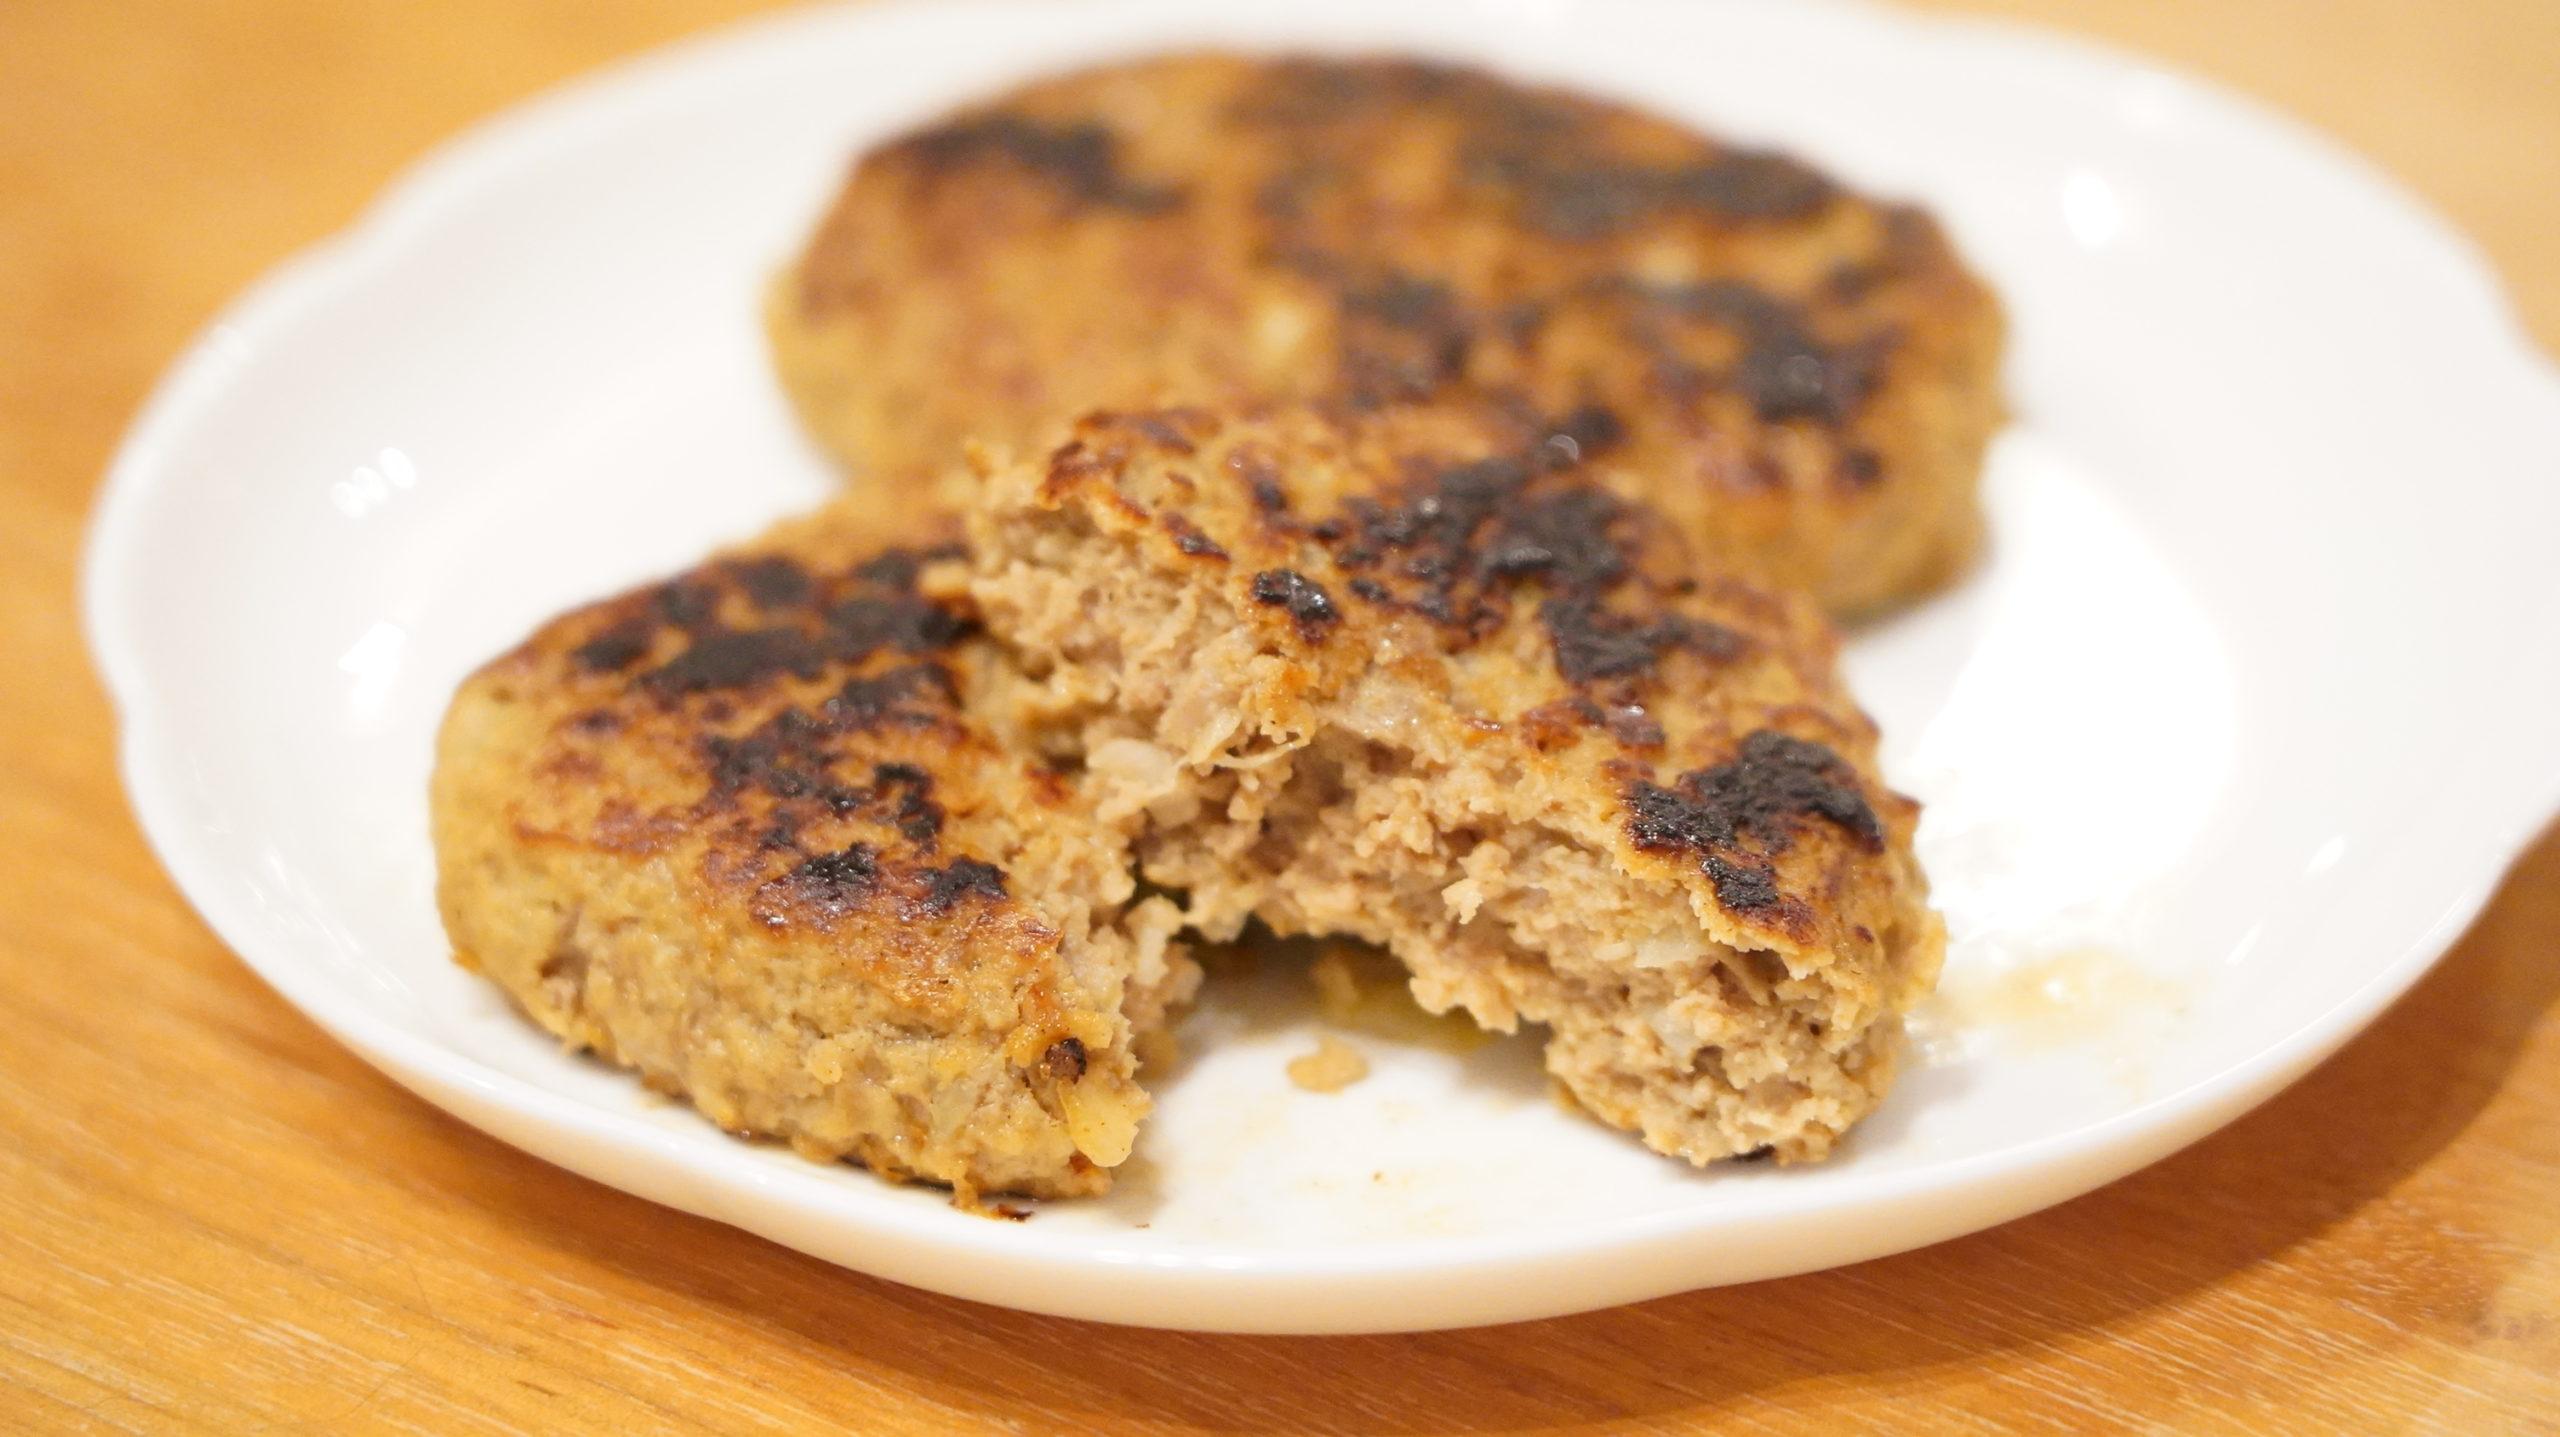 コストコの冷凍食品「香ばしグリエ・ハンバーグ」の断面の写真